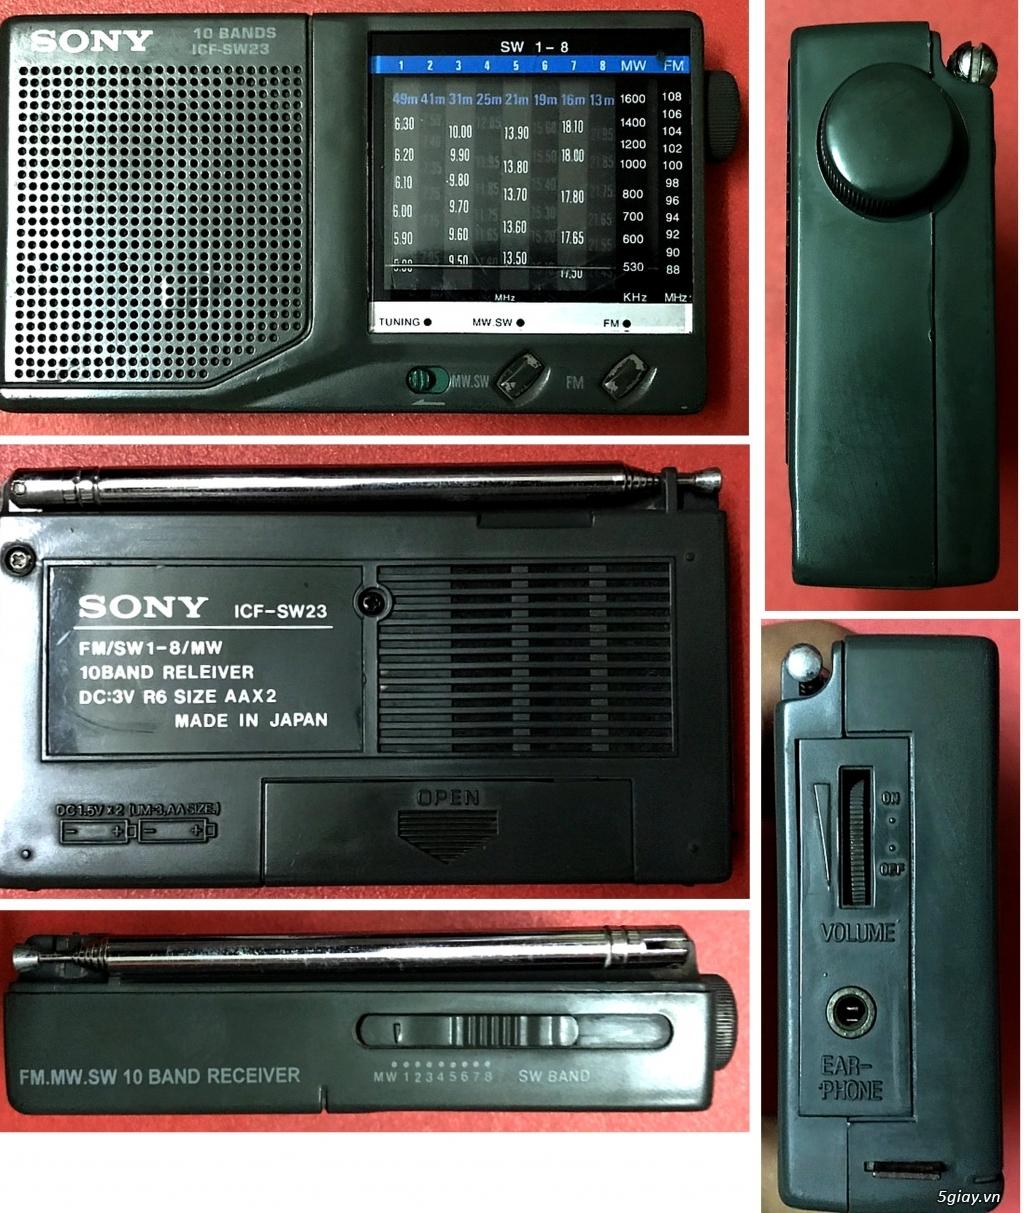 Box chống nhĩu/lọc điện,Biến áp cách li,DVD portable,LCD mini,ampli,loa,equalizer.... - 33